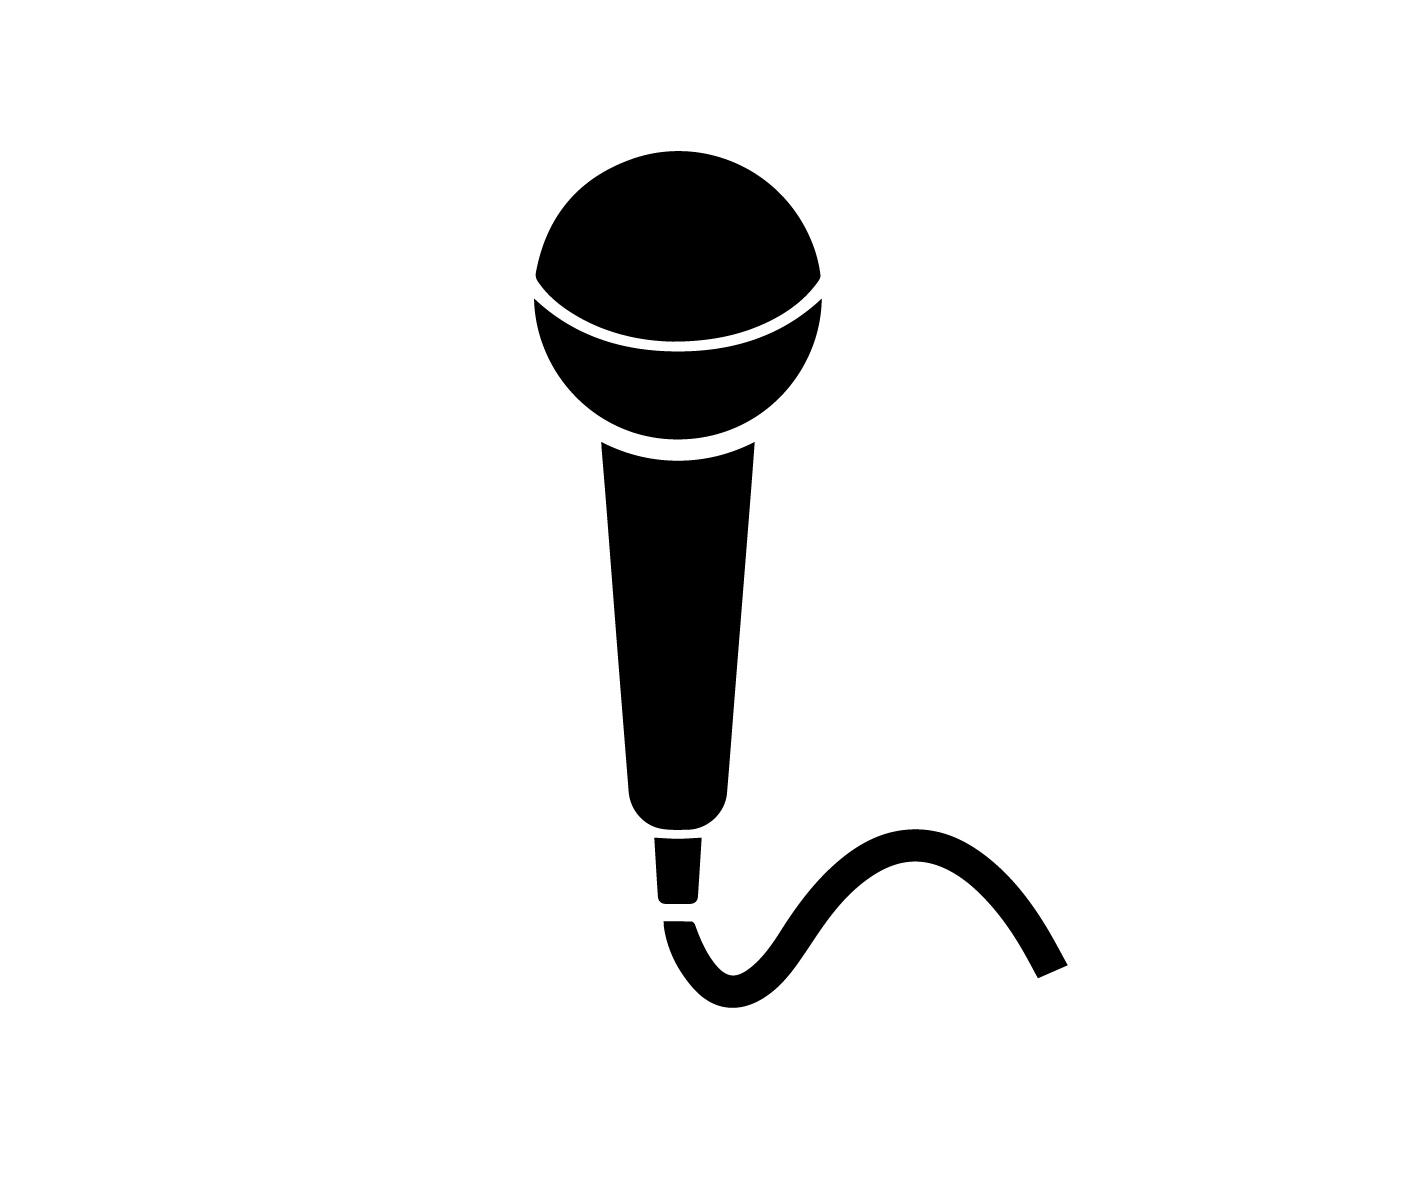 """""""Atenção: está no ar a Rádio Libertadora. Atenção: está no ar a Rádio Libertadora. De qualquer parte do Brasil, para os patriotas de toda a parte. Rádio clandestina da revolução. O desejo de todo revolucionário é fazer a revolução. Abaixo a ditadura militar. Atenção: as gravações em fita das transmissões da Rádio Libertadora devem ser ligadas aos sistemas de alto-falantes dos bairros e subúrbios e irradiadas para o povo, mesmo que para isso tenhamos que empregar a mão armada.""""   Fala de Iara Xavier Pereira, em 1969, conforme """"Rádio Libertadora – A Palavra de Carlos Marighella"""", livro do Projeto Marcas da Memória"""